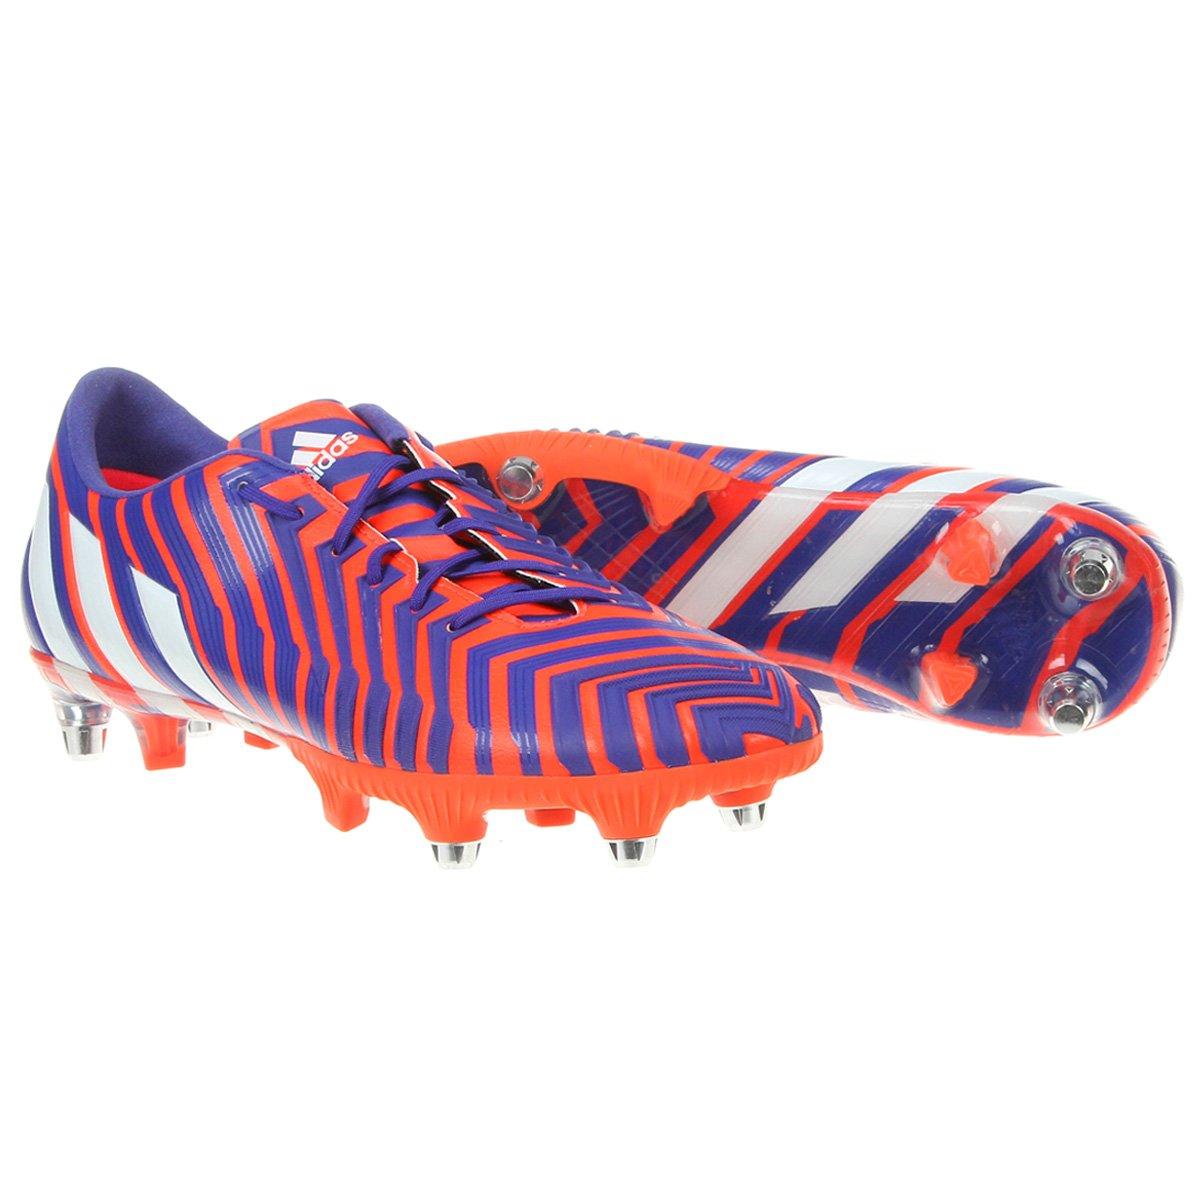 ... Chuteira Adidas Predator Instinct SG Campo - Compre Agora N new  authentic ca8ca 0ec16  Carregando zoom. ... c96a6ea423399